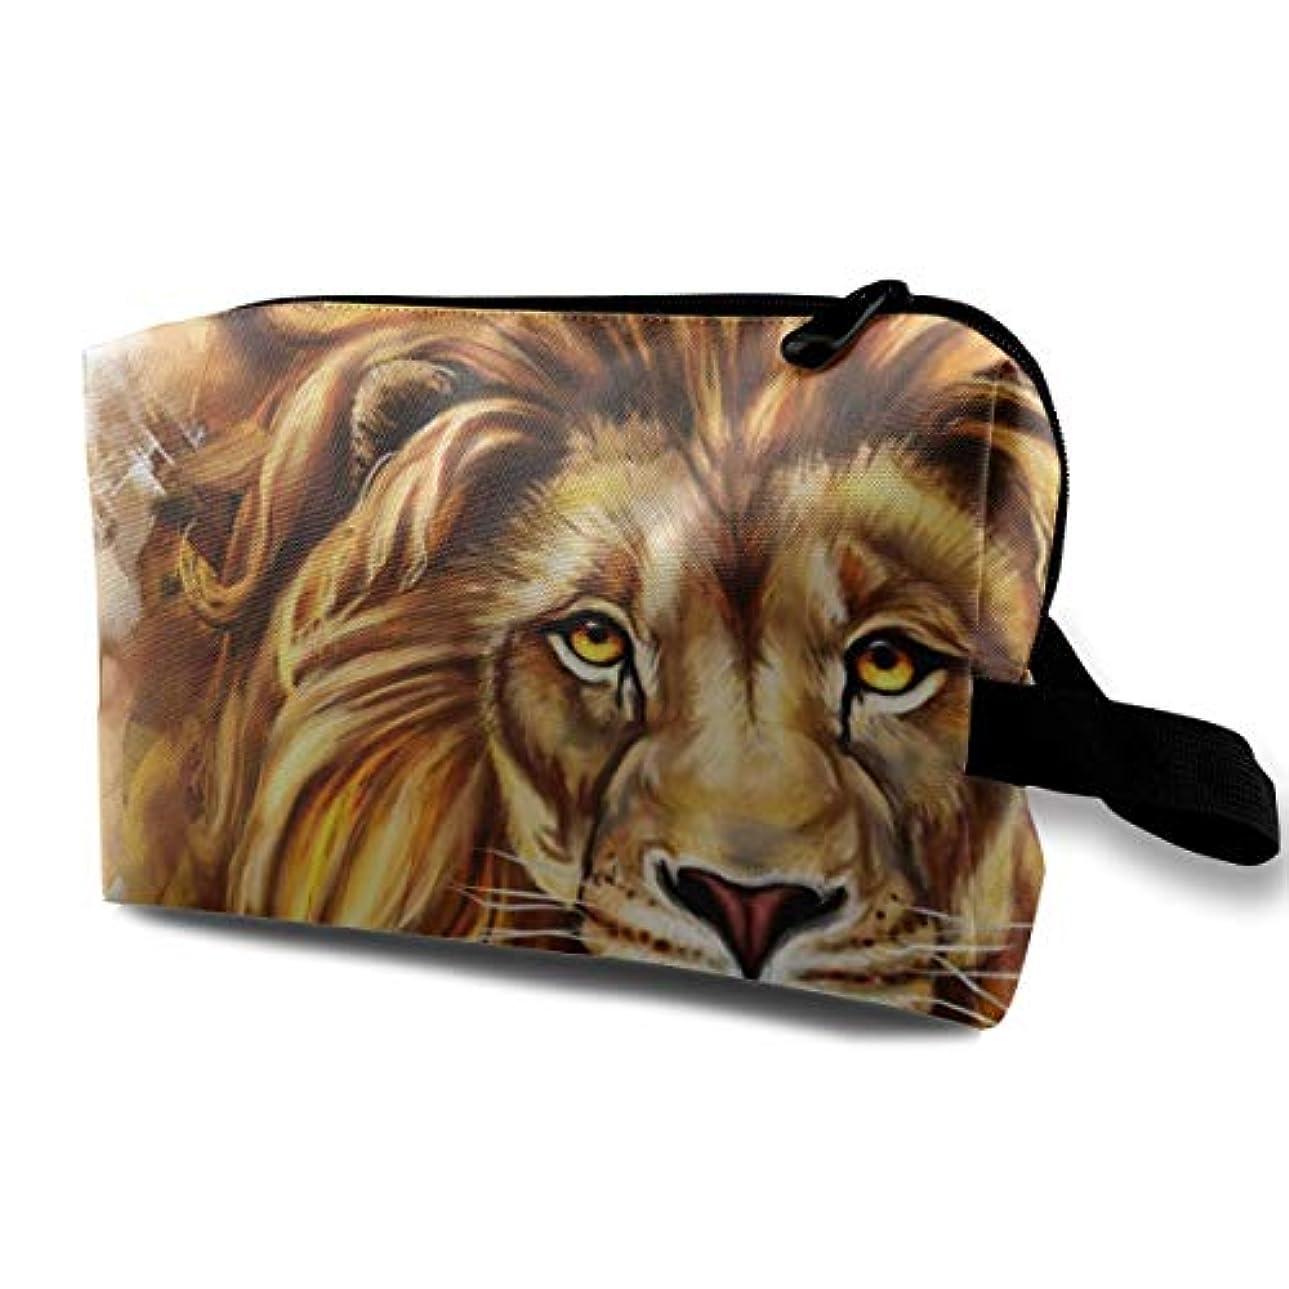 ゼロレバー寸前Cool Lion 収納ポーチ 化粧ポーチ 大容量 軽量 耐久性 ハンドル付持ち運び便利。入れ 自宅?出張?旅行?アウトドア撮影などに対応。メンズ レディース トラベルグッズ